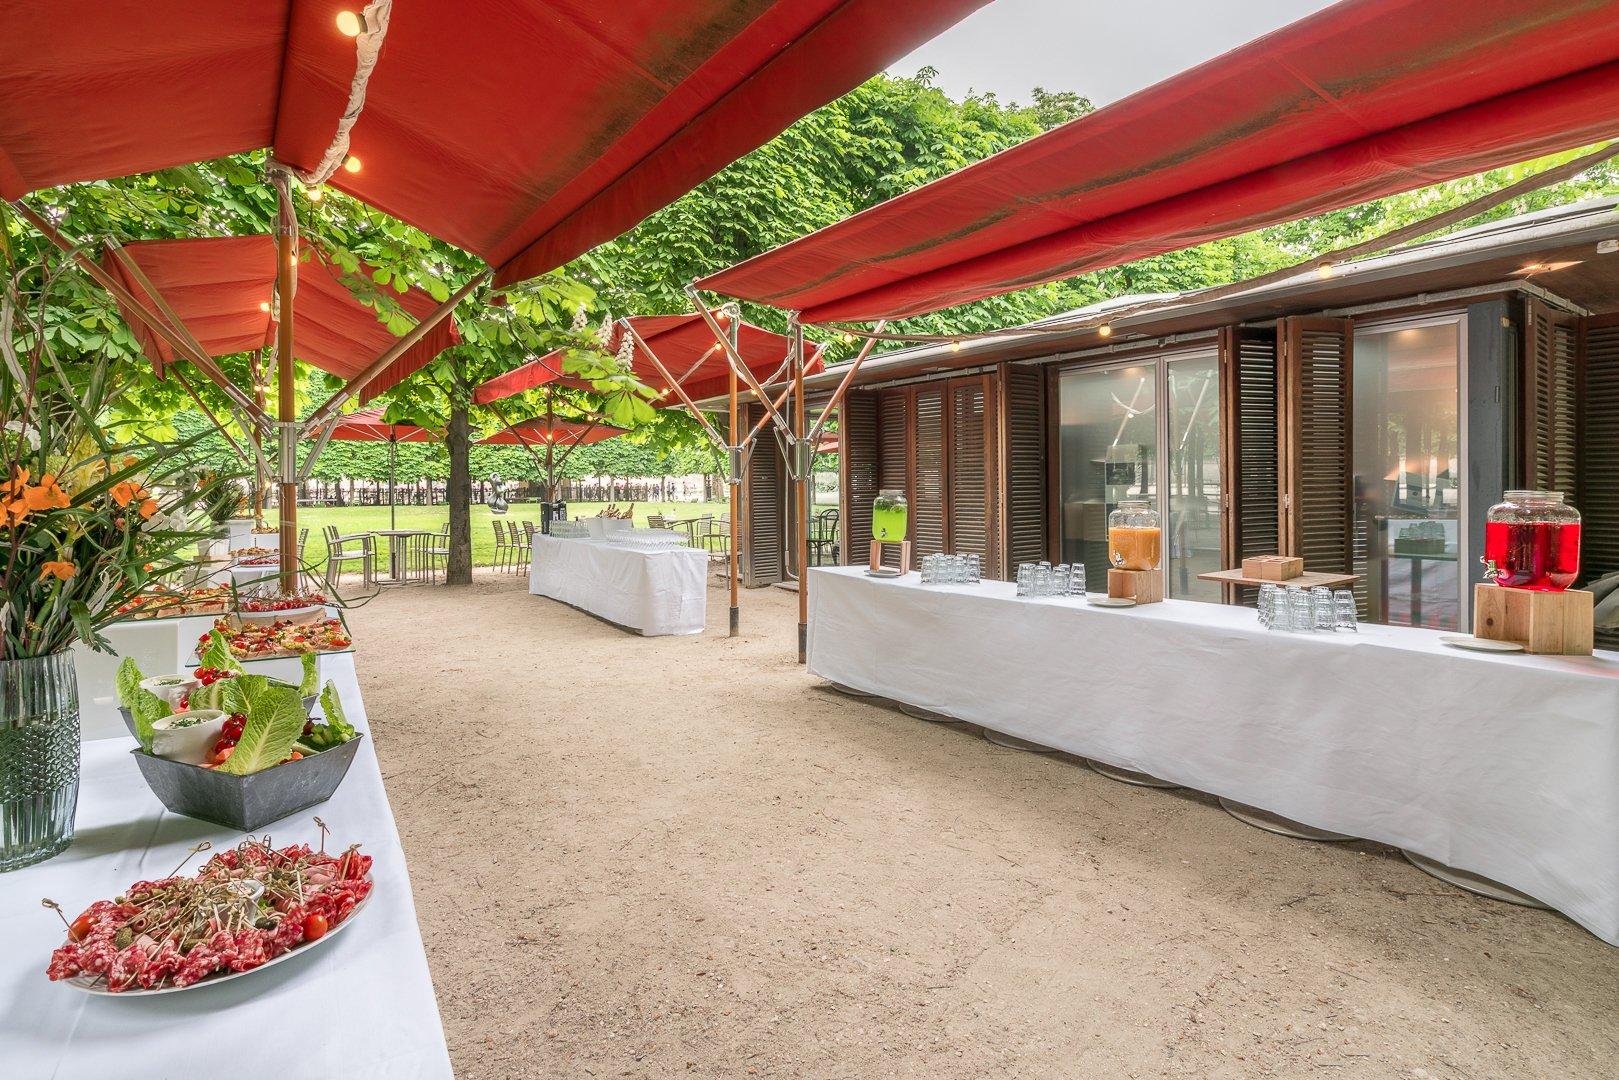 Repas entreprise dans un havre de paix restaurant groupe PARIS 1 75